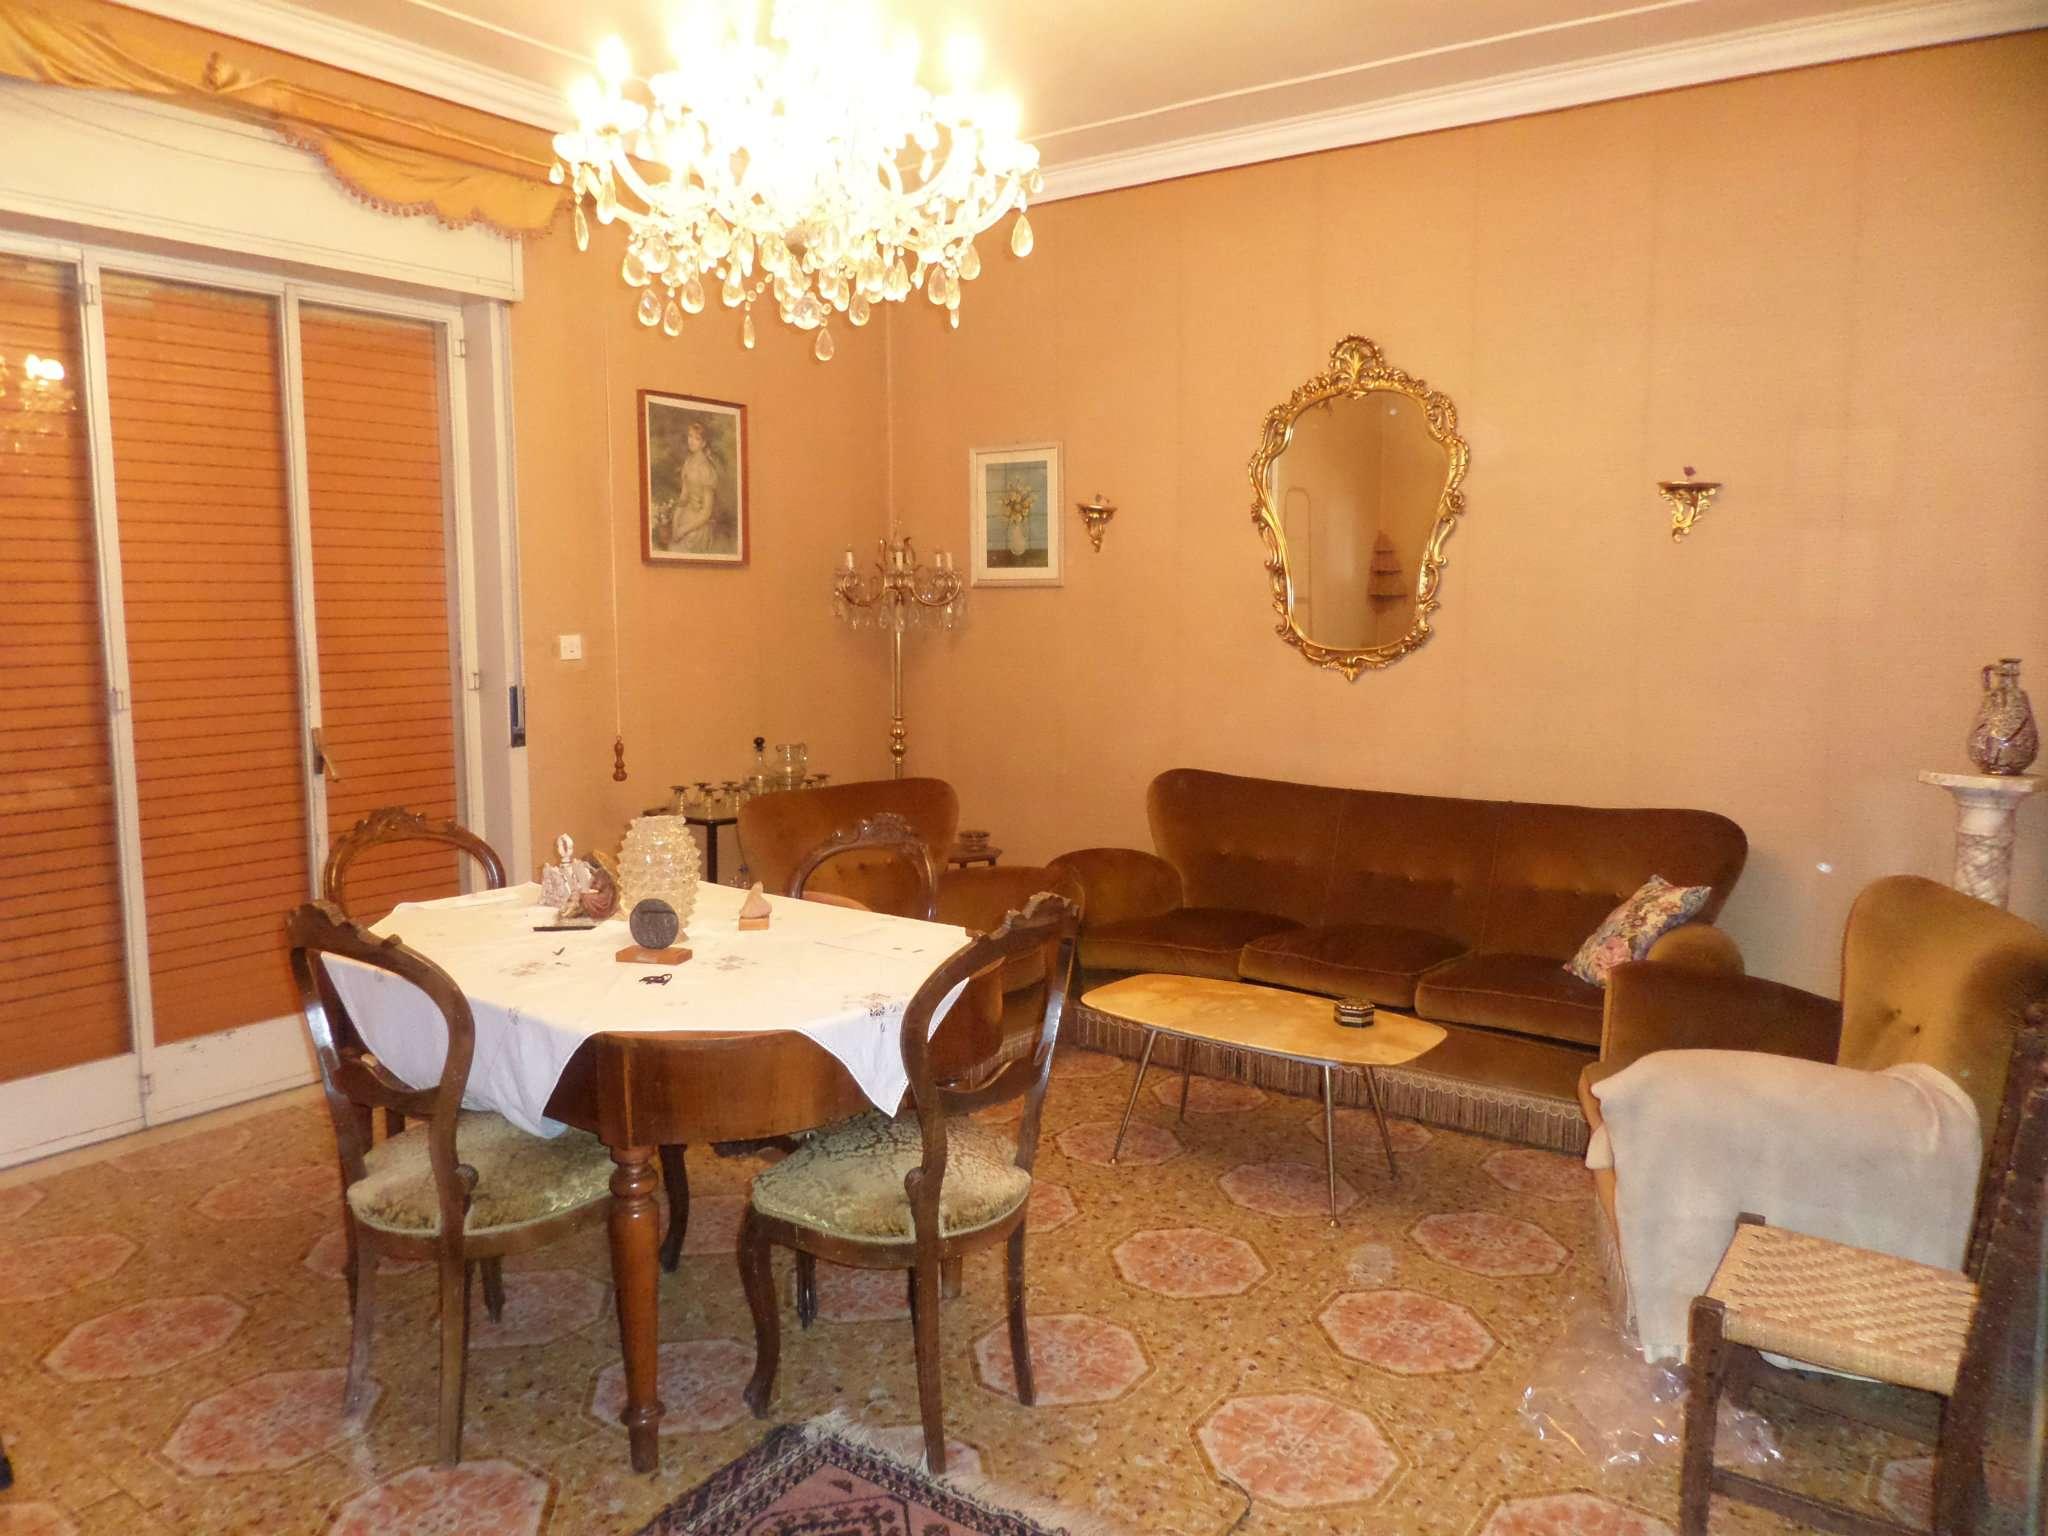 Appartamento in vendita a Mascalucia, 5 locali, prezzo € 90.000 | CambioCasa.it